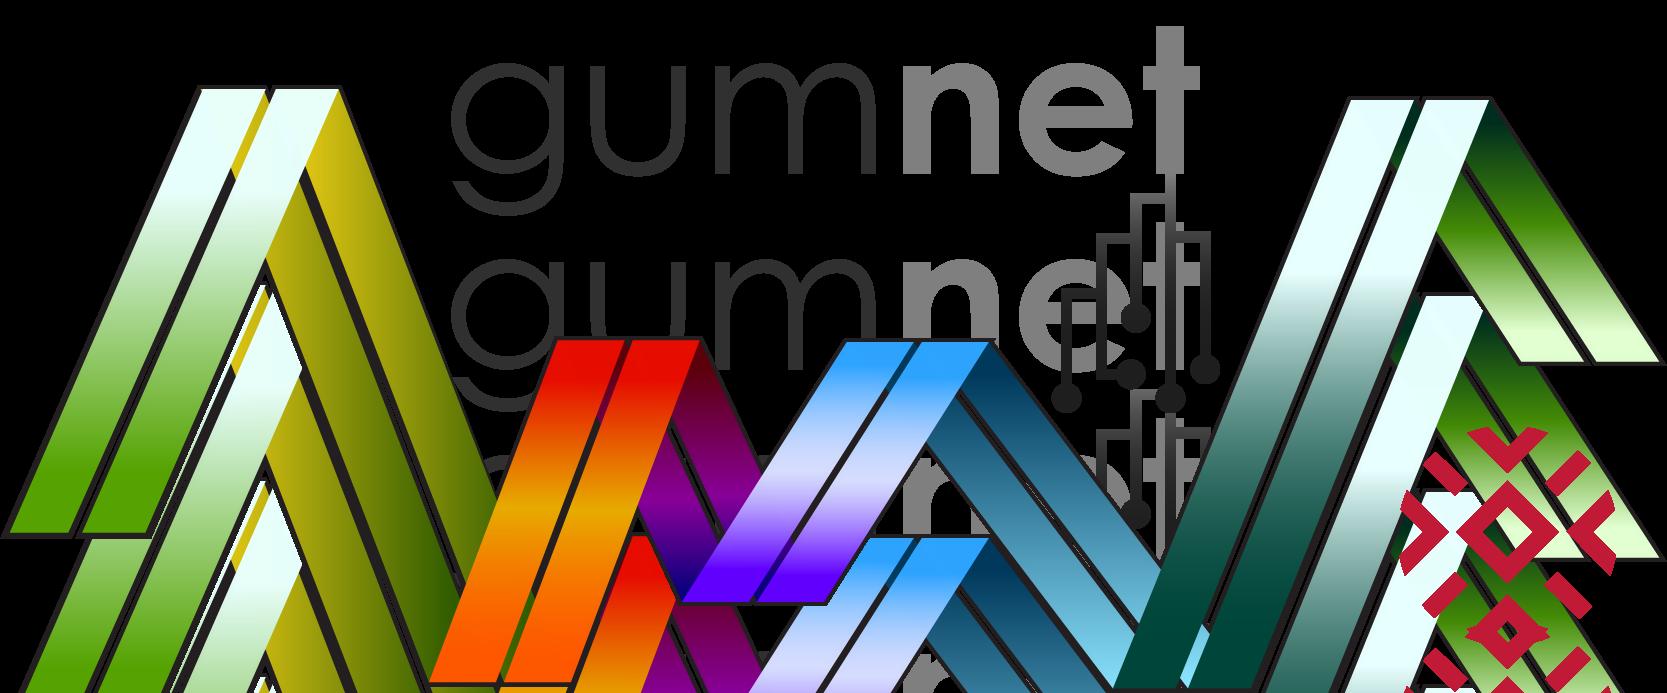 gumnet logo